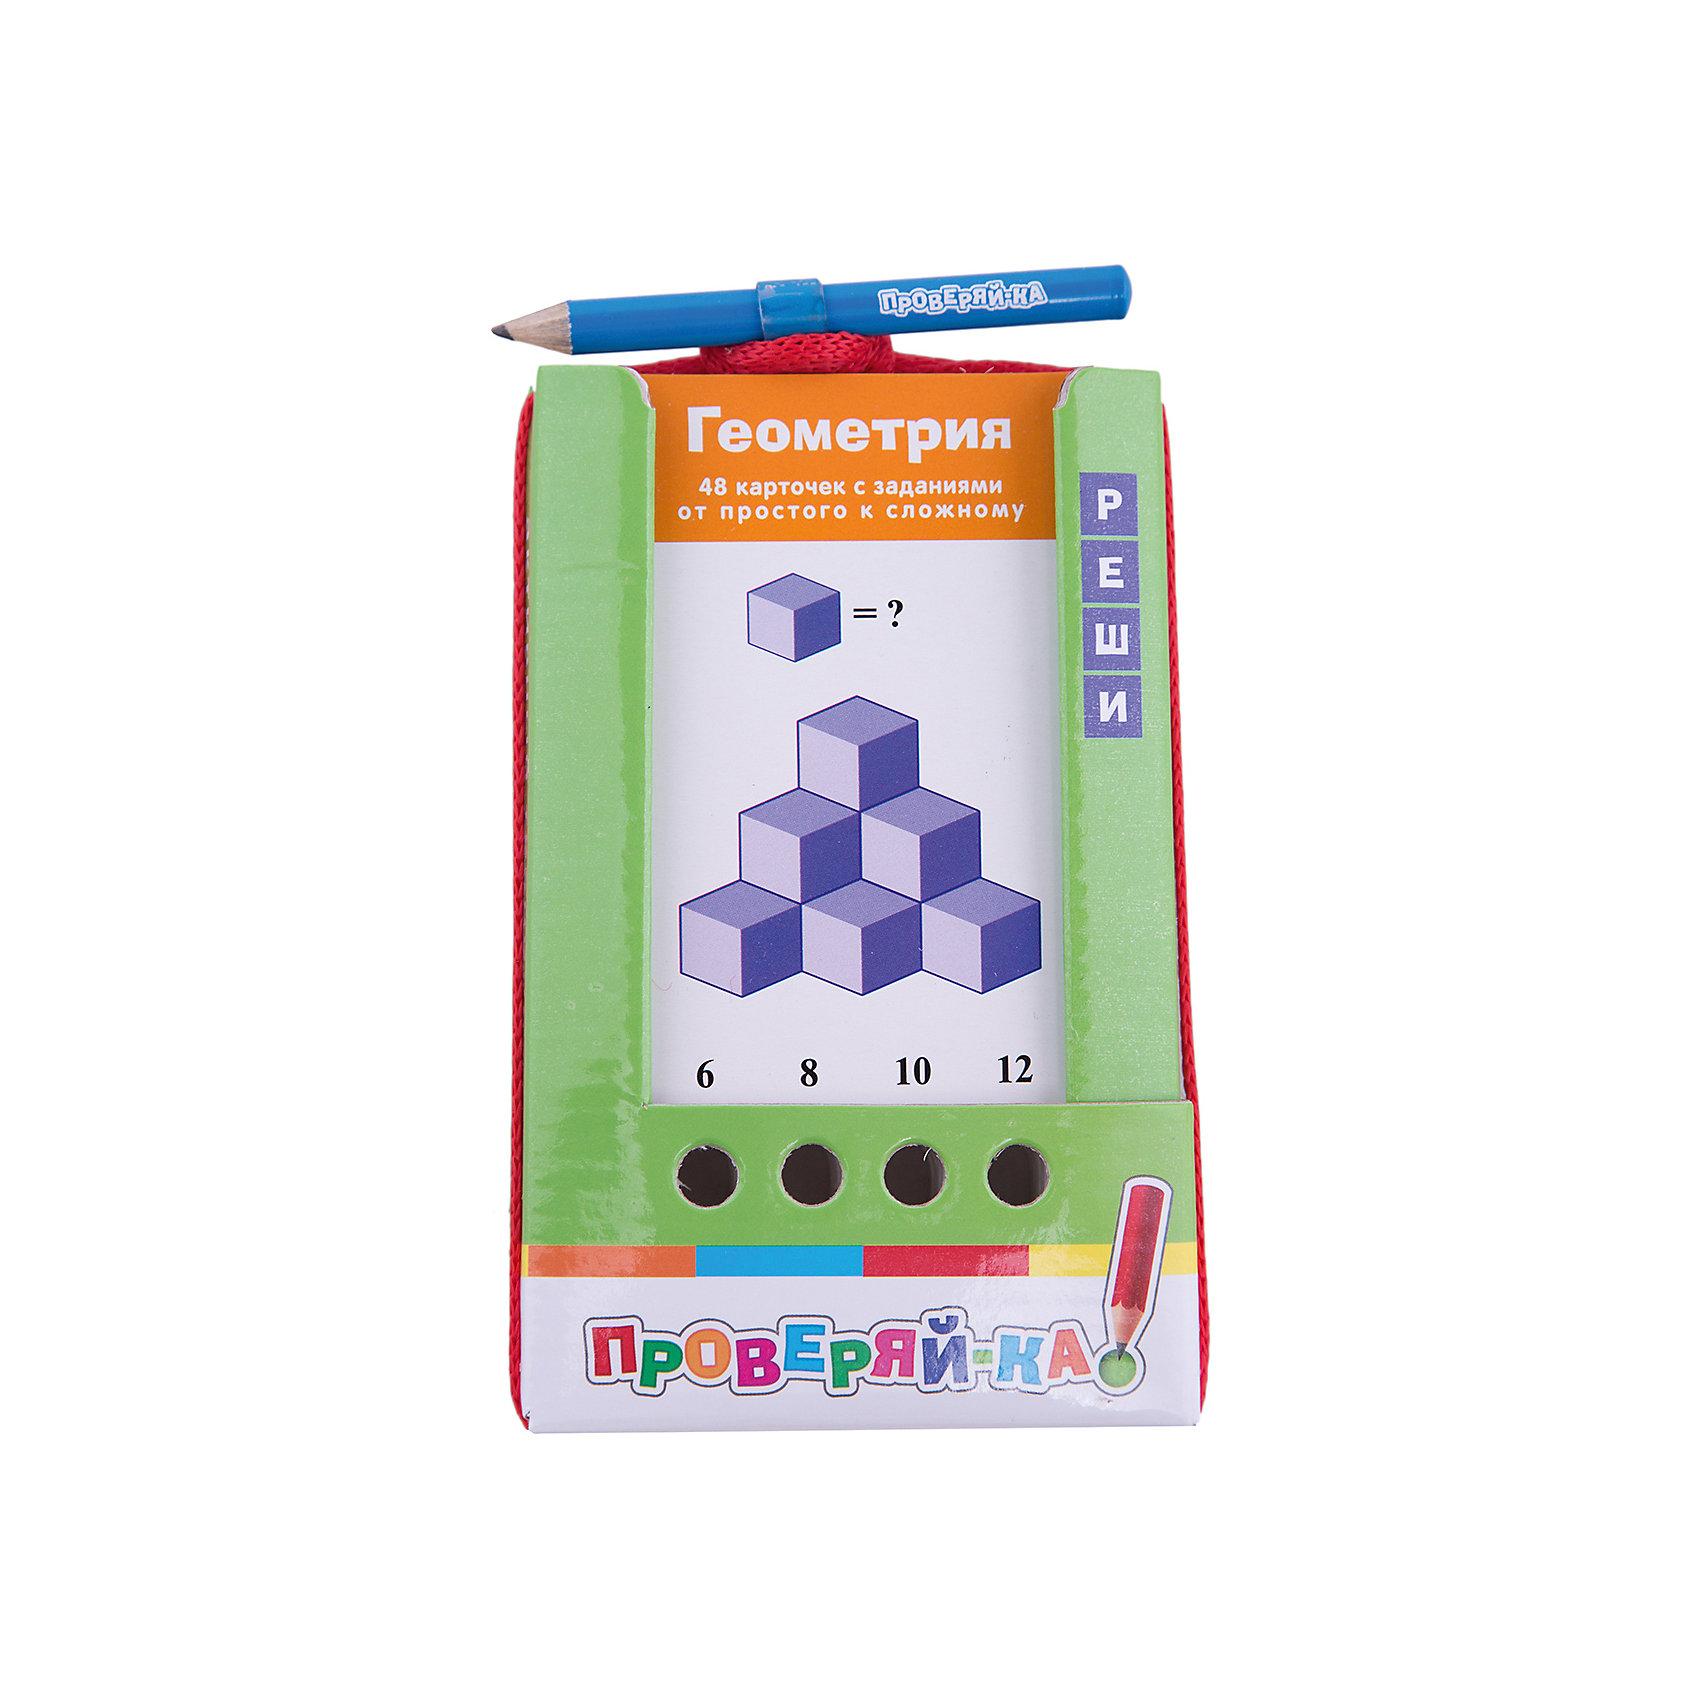 English: Проверяй-ка: ГеометрияАЙРИС-пресс<br>Комплект состоит из 48 двухсторонних карточек и рассчитан на две разных игры с цветной и чёрно-белой сторонами. Задания ориентированы на автоматизацию конструктивно-геометрических навыков, формирование пространственного и образного мышления.&#13;<br>Условия игры с карточками подразумевают их многократное использование. Простота и удобство комплекта позволяют организовать игру в школе и дома, а также в транспорте или на природе.&#13;<br>Благодаря игровой форме пособия учебный материал усваивается легче и без принуждения, реализуется безопасное для здоровья ребёнка обучение.<br><br>Ширина мм: 22<br>Глубина мм: 90<br>Высота мм: 140<br>Вес г: 120<br>Возраст от месяцев: 84<br>Возраст до месяцев: 120<br>Пол: Унисекс<br>Возраст: Детский<br>SKU: 6849604